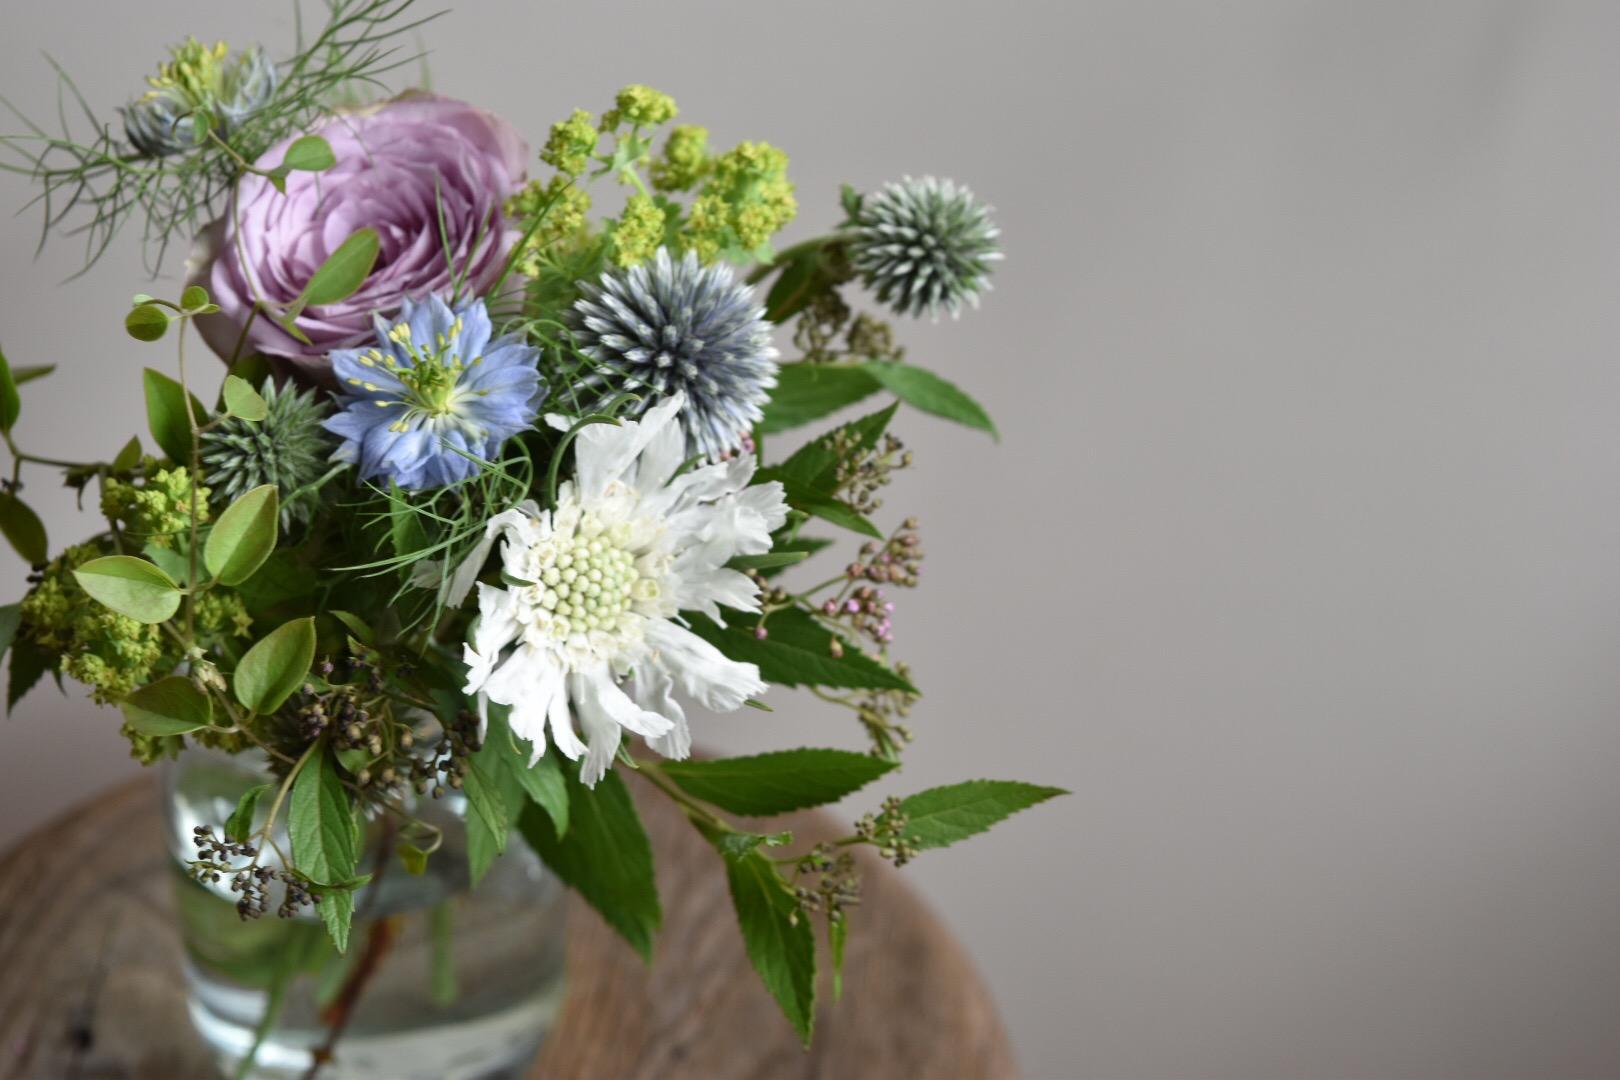 《暮らしに花を》季節の草花を定期的にお届けします*.